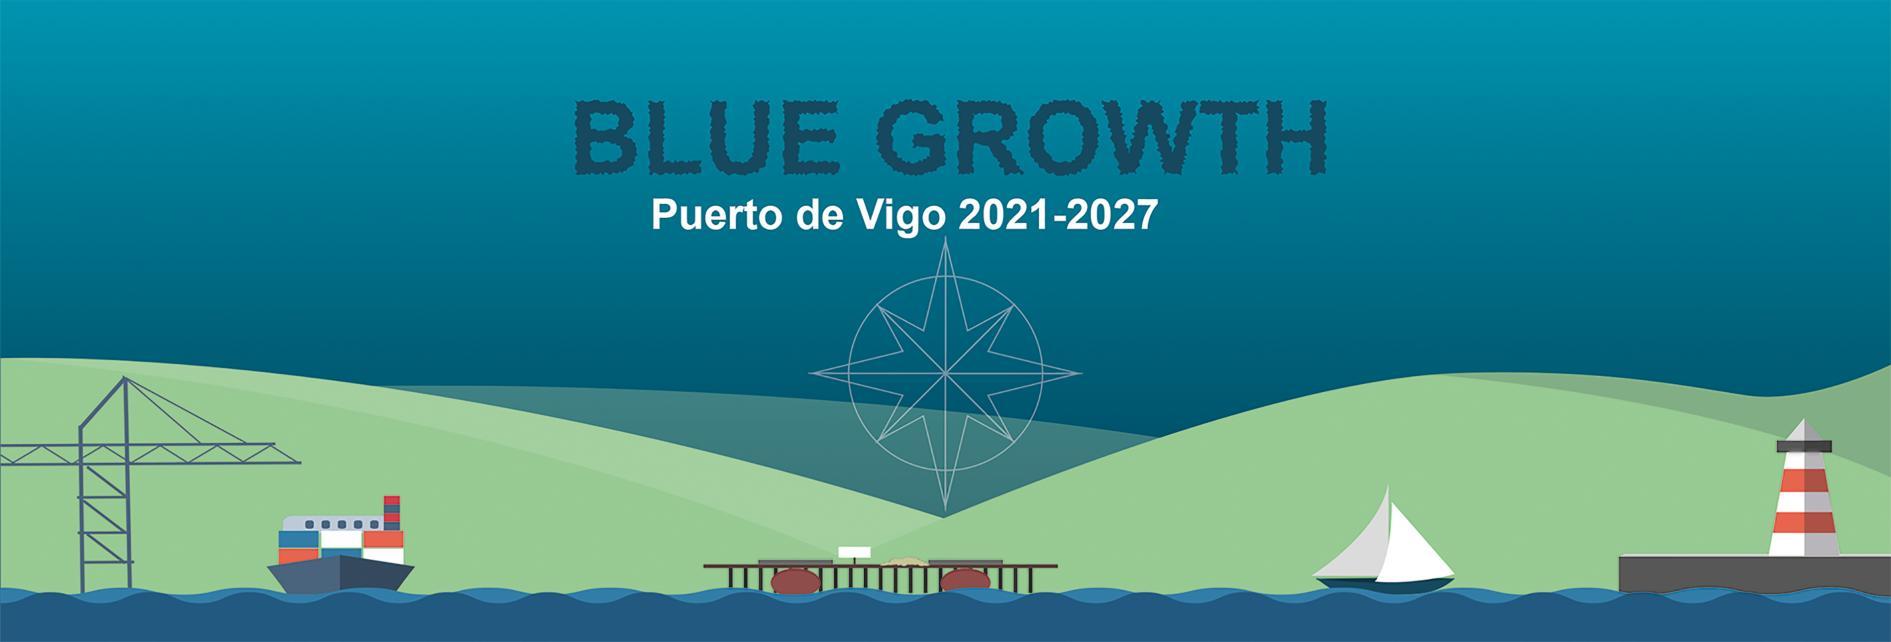 Blue Growth Port of Vigo